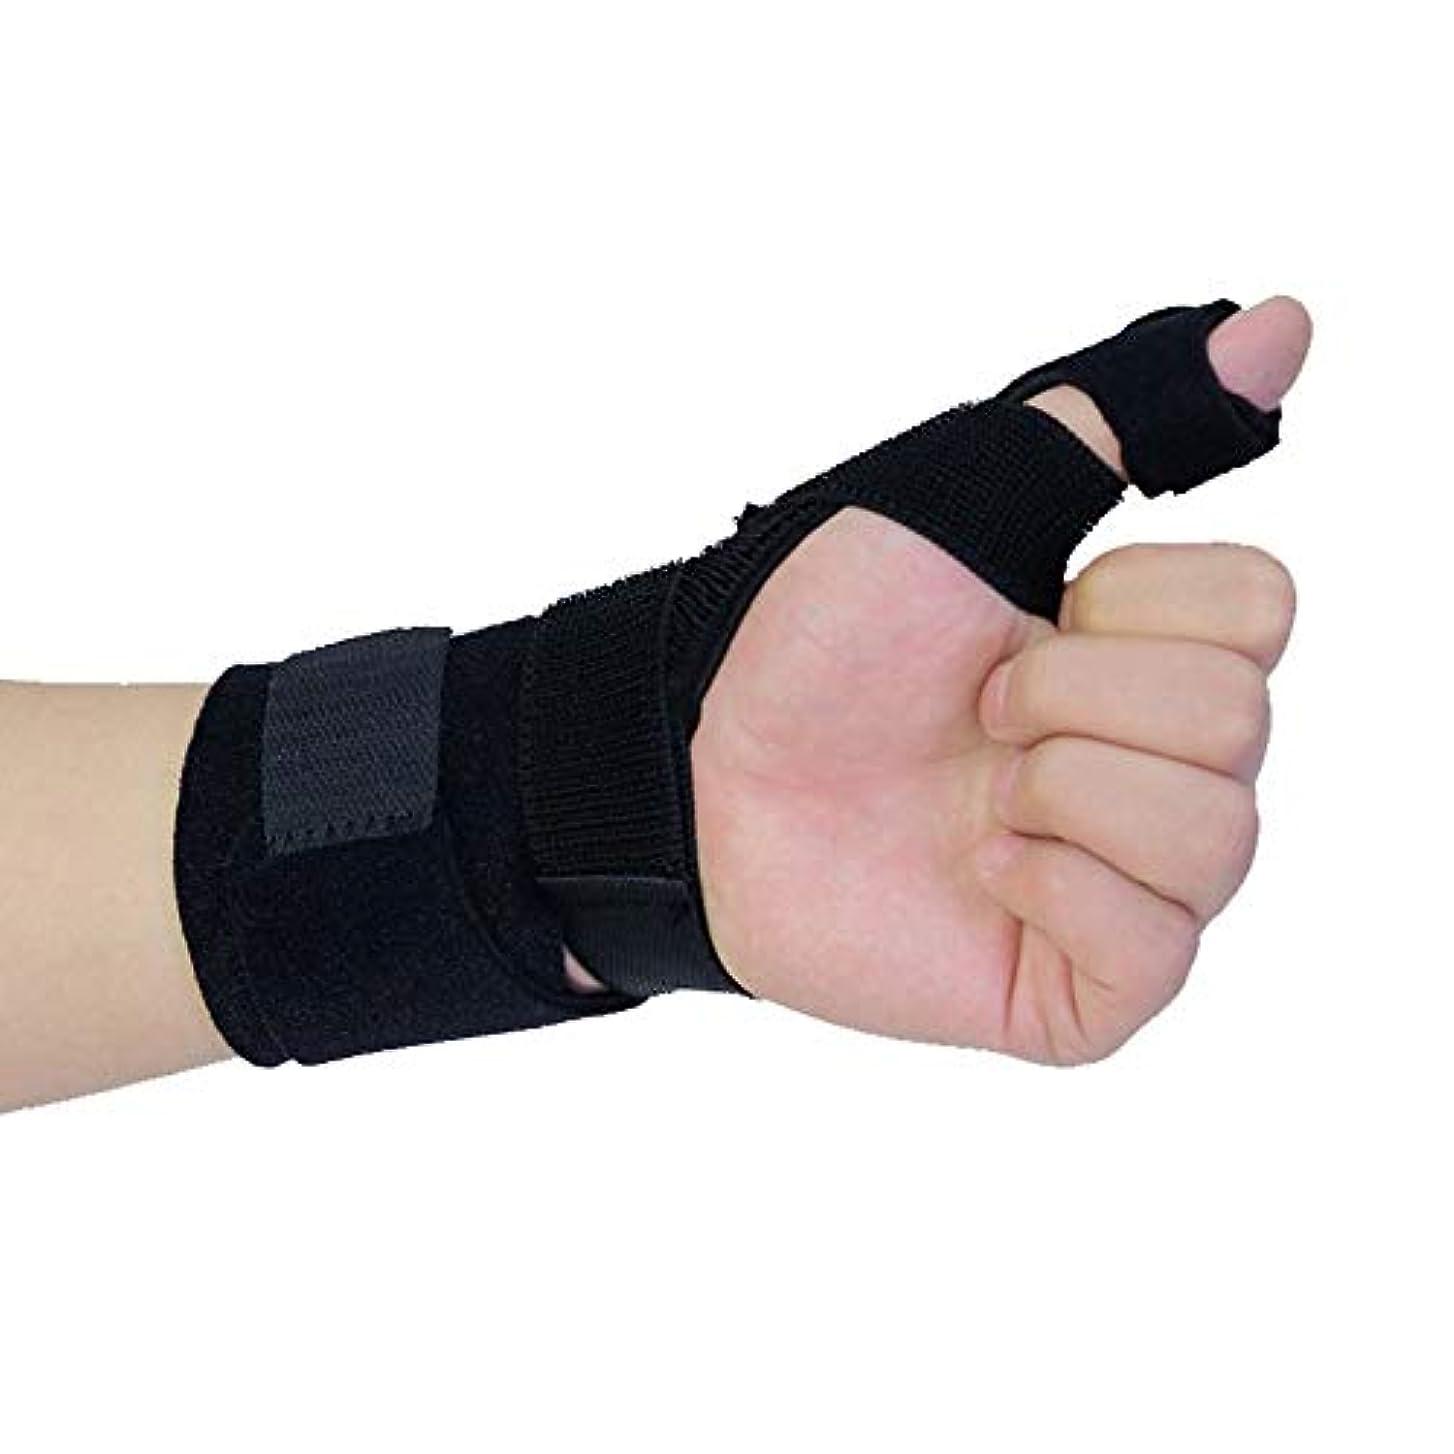 制約化学トレーニング親指ブレース、関節炎、腱炎、手根管の痛みの軽減、軽量で 調節可能なサイズに適した調節可能なプロテクター